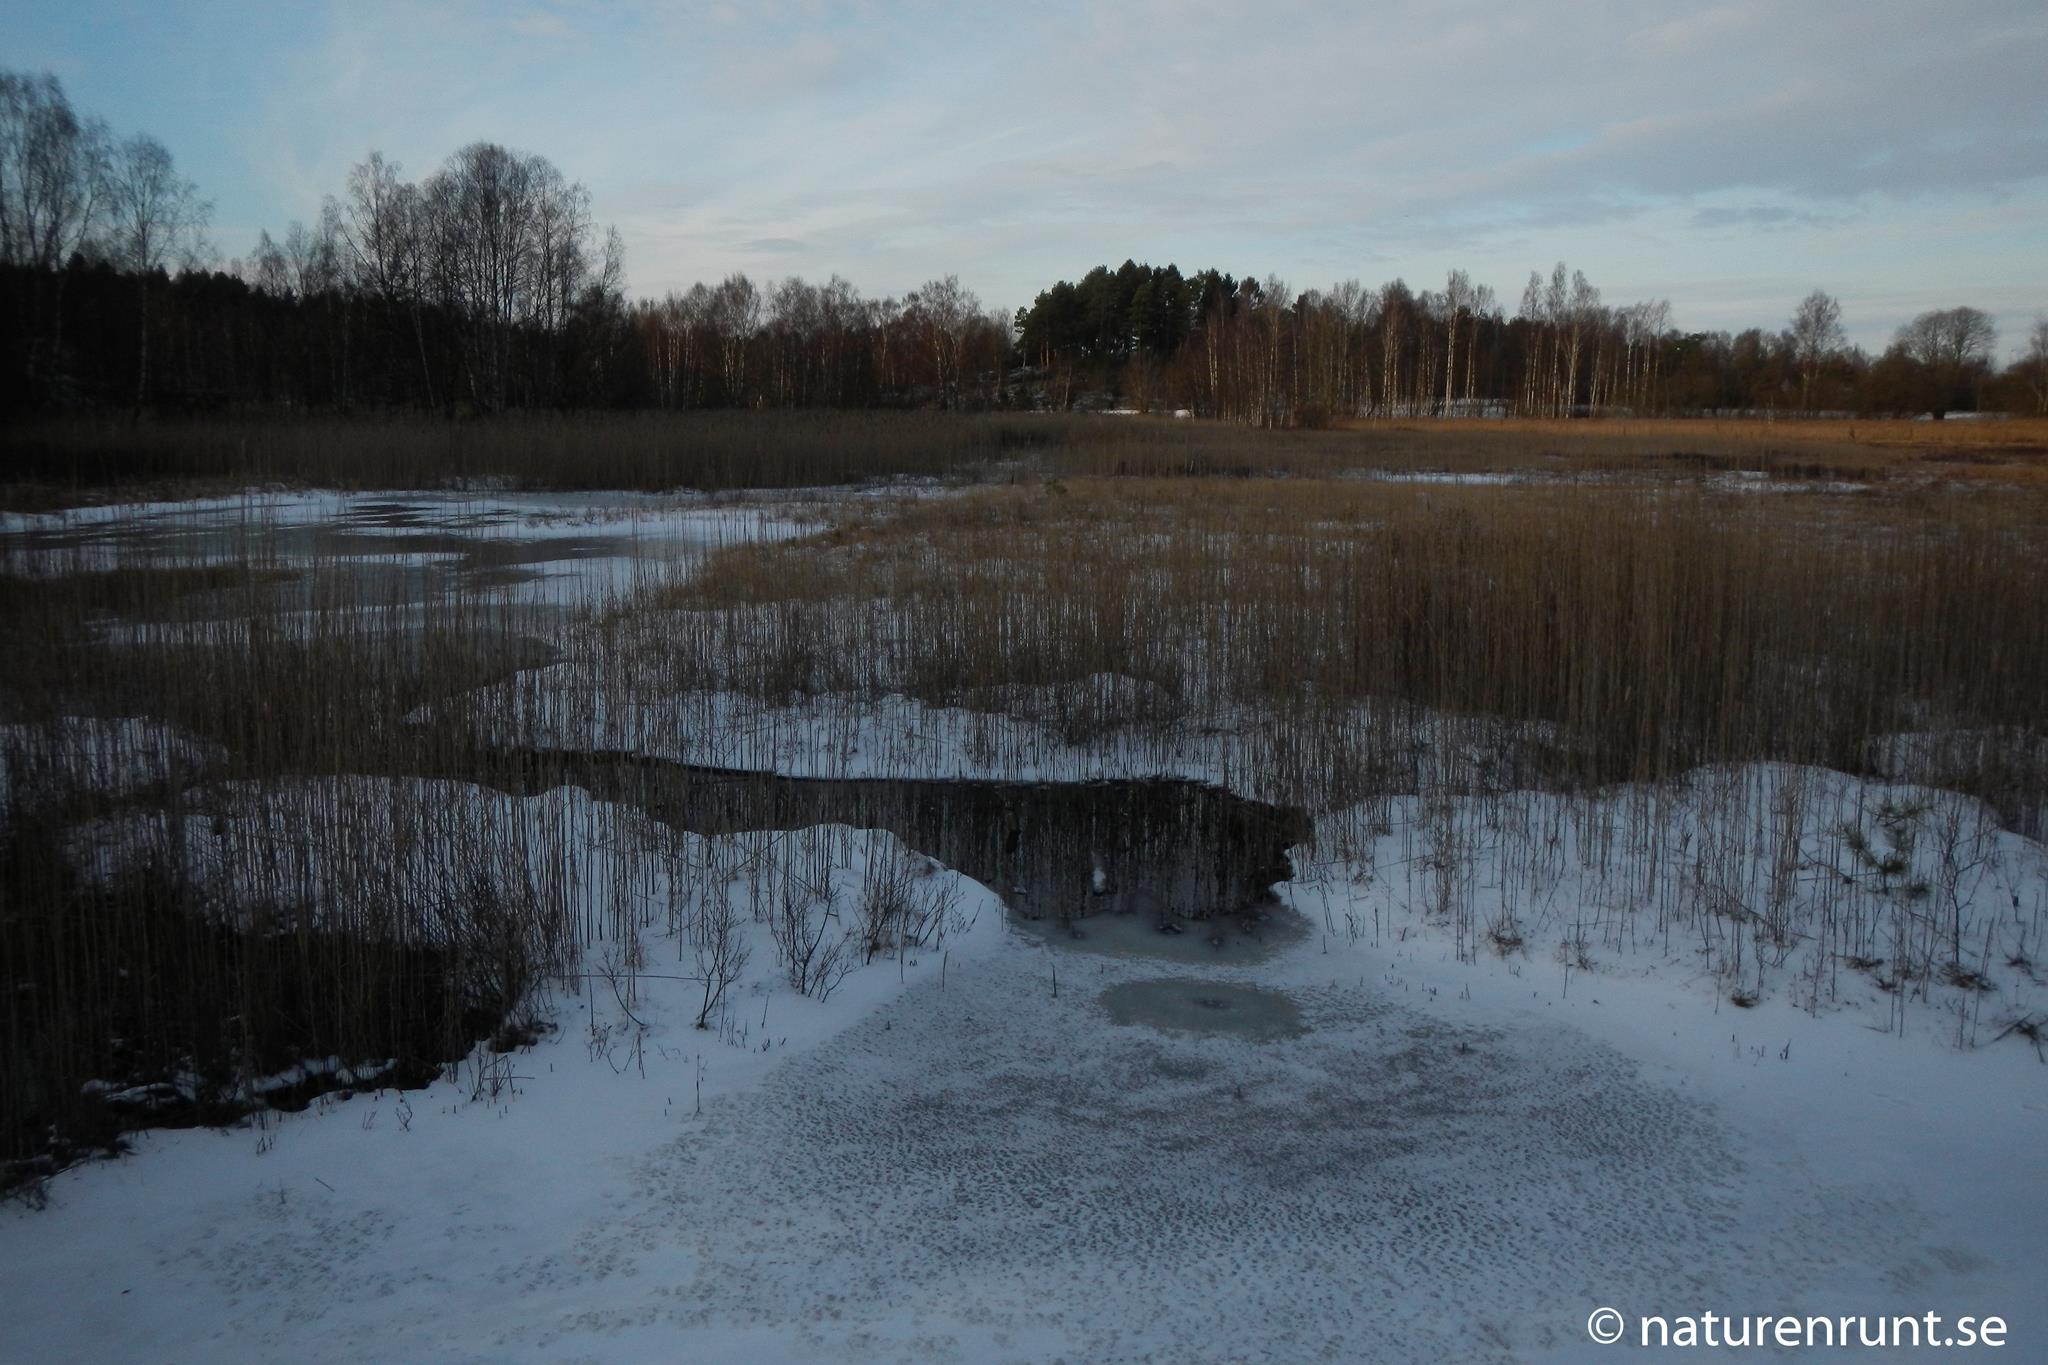 Gunnestorps mosse - våtmark i vinterskrud